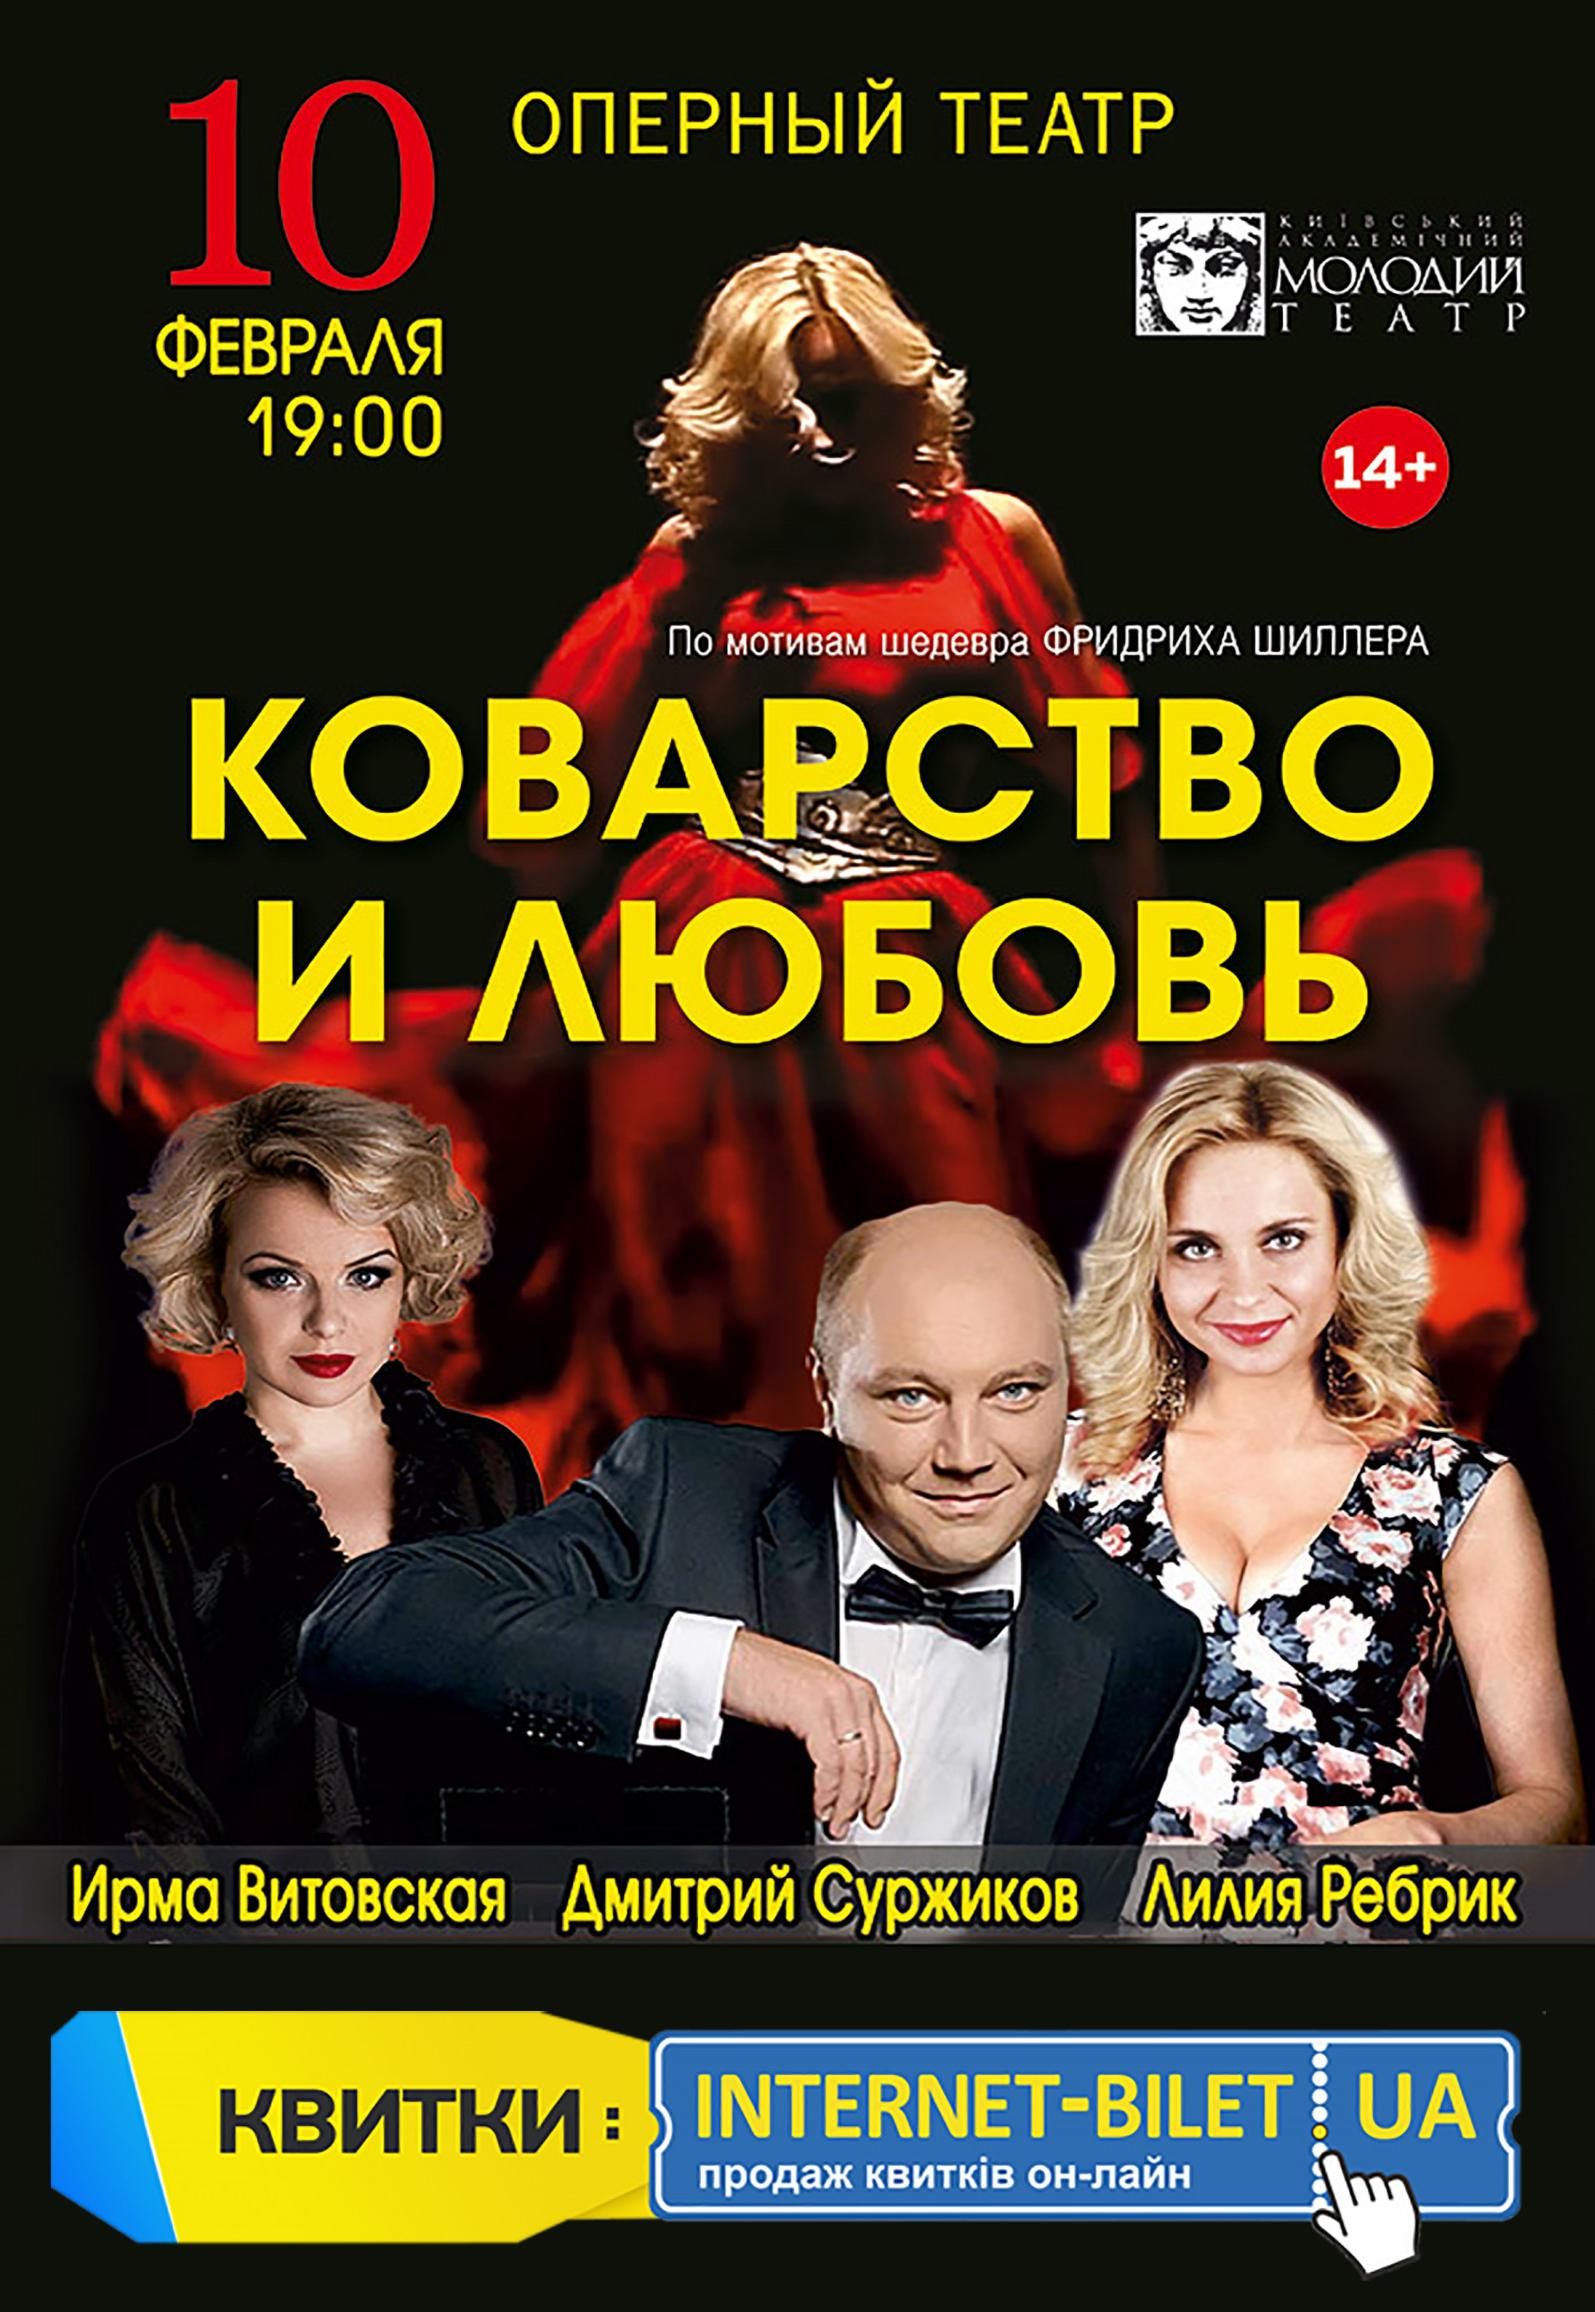 Купить билеты по интернет на спектакль спб театр имени акимова афиша